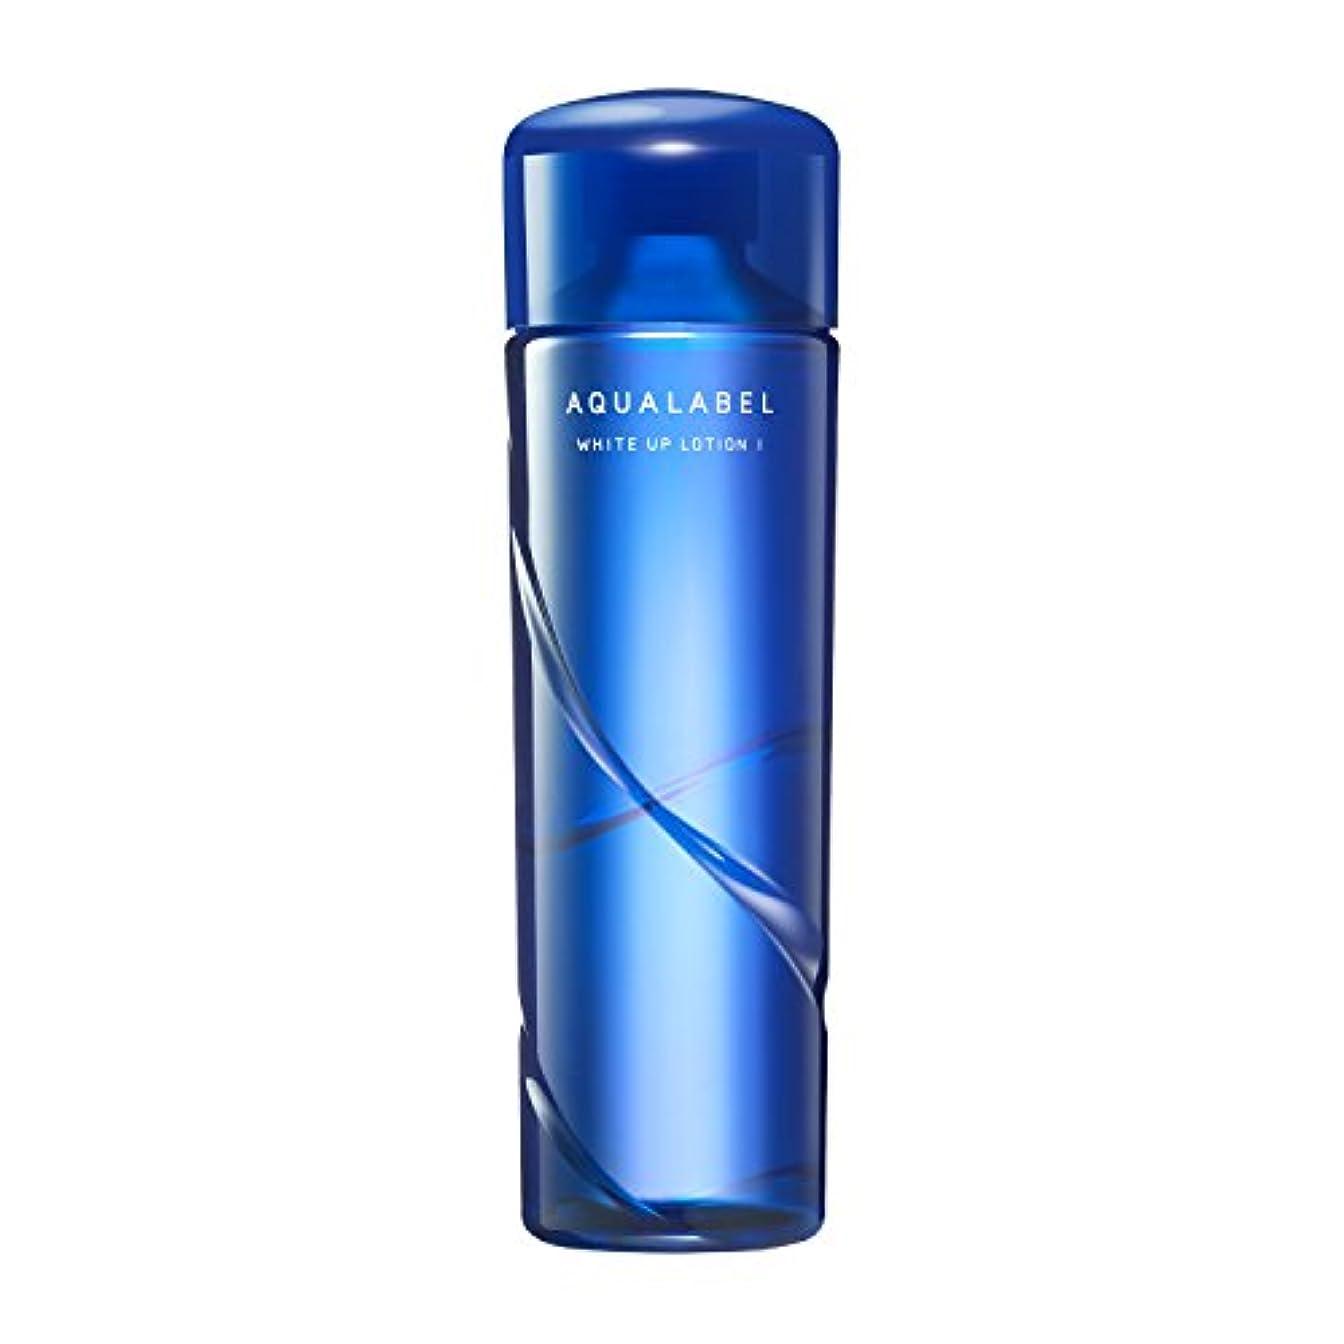 ルートトリム傾いたアクアレーベル ホワイトアップ ローション 保湿?美白化粧水 (1) さっぱり 200mL 【医薬部外品】